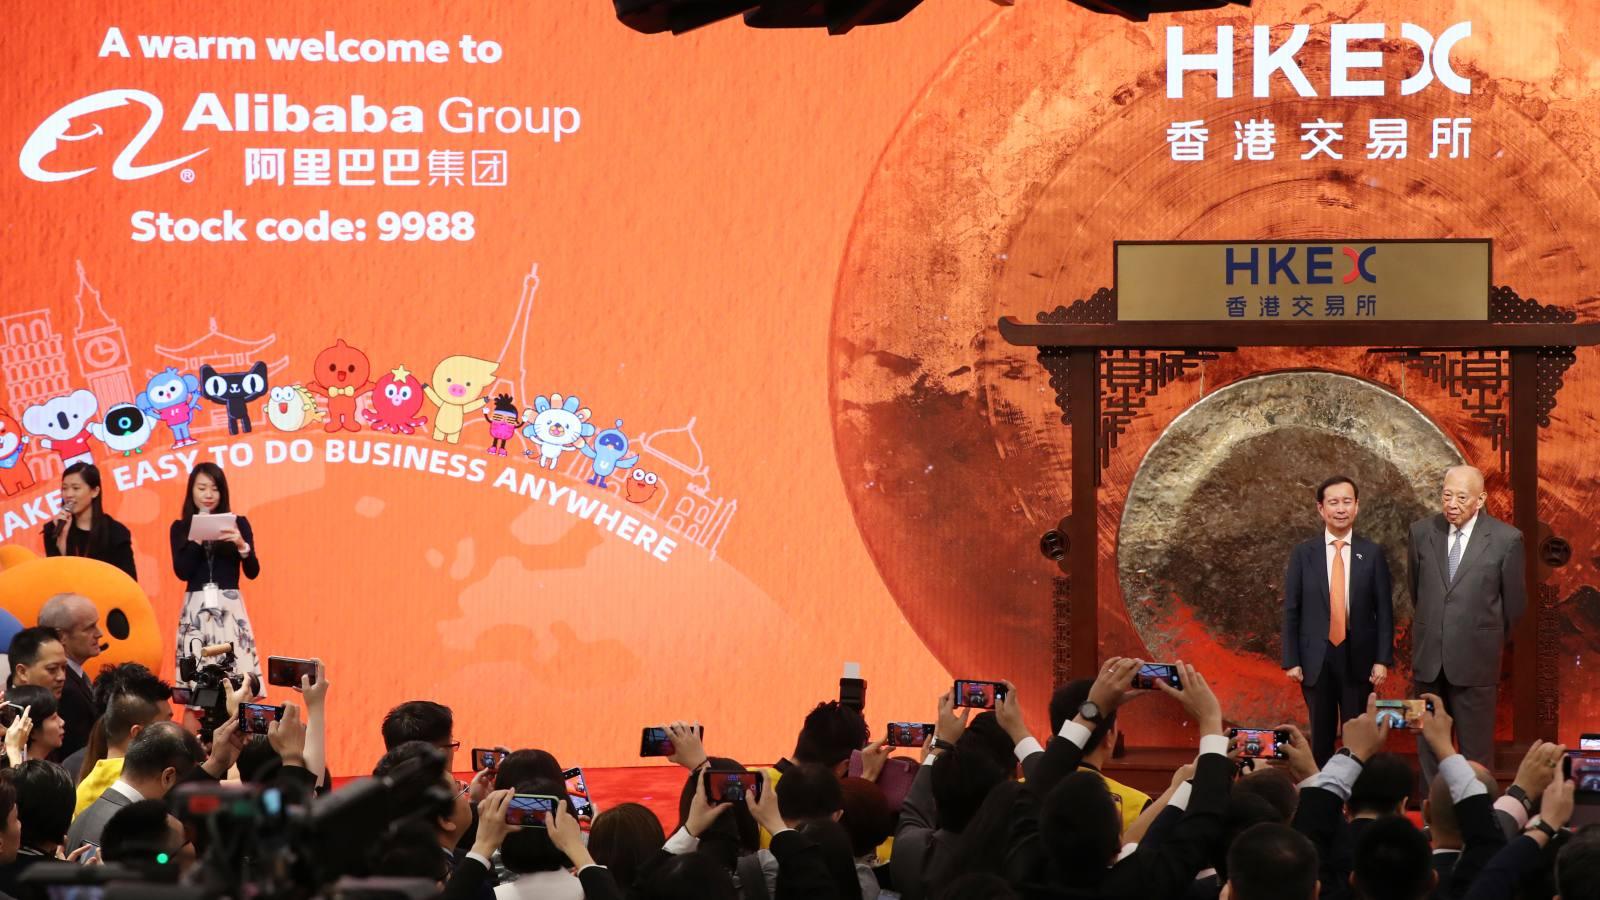 Alibaba quay lại Hồng Kông tiết lộ 2 bí mật của ĐCSTQ (ảnh 2)